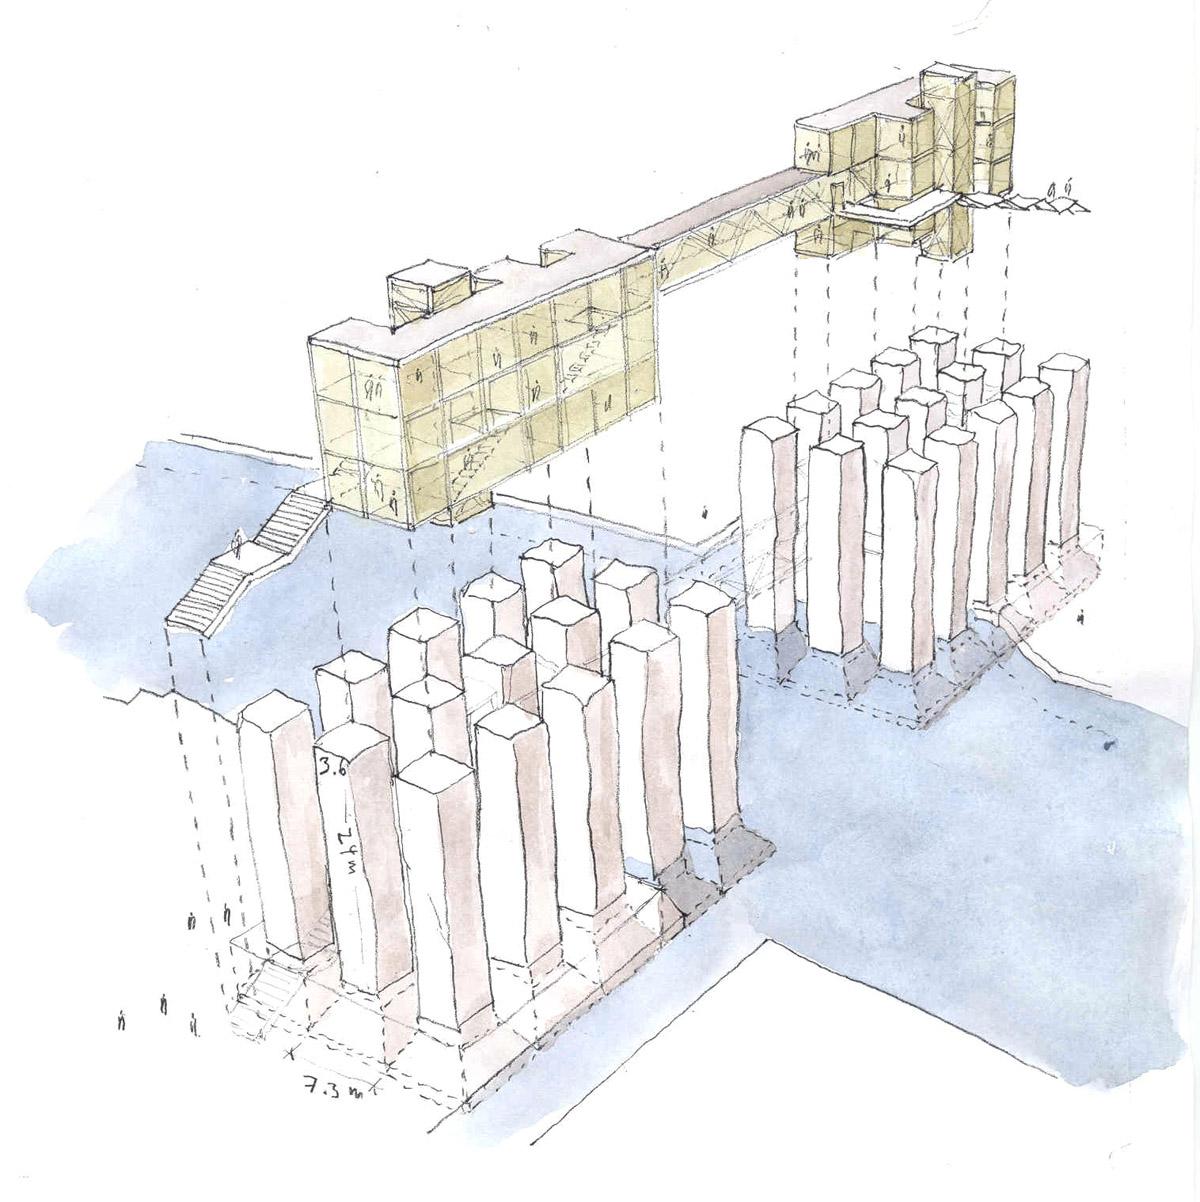 Watercolor bridge design concept for the Venice bridge design competition.